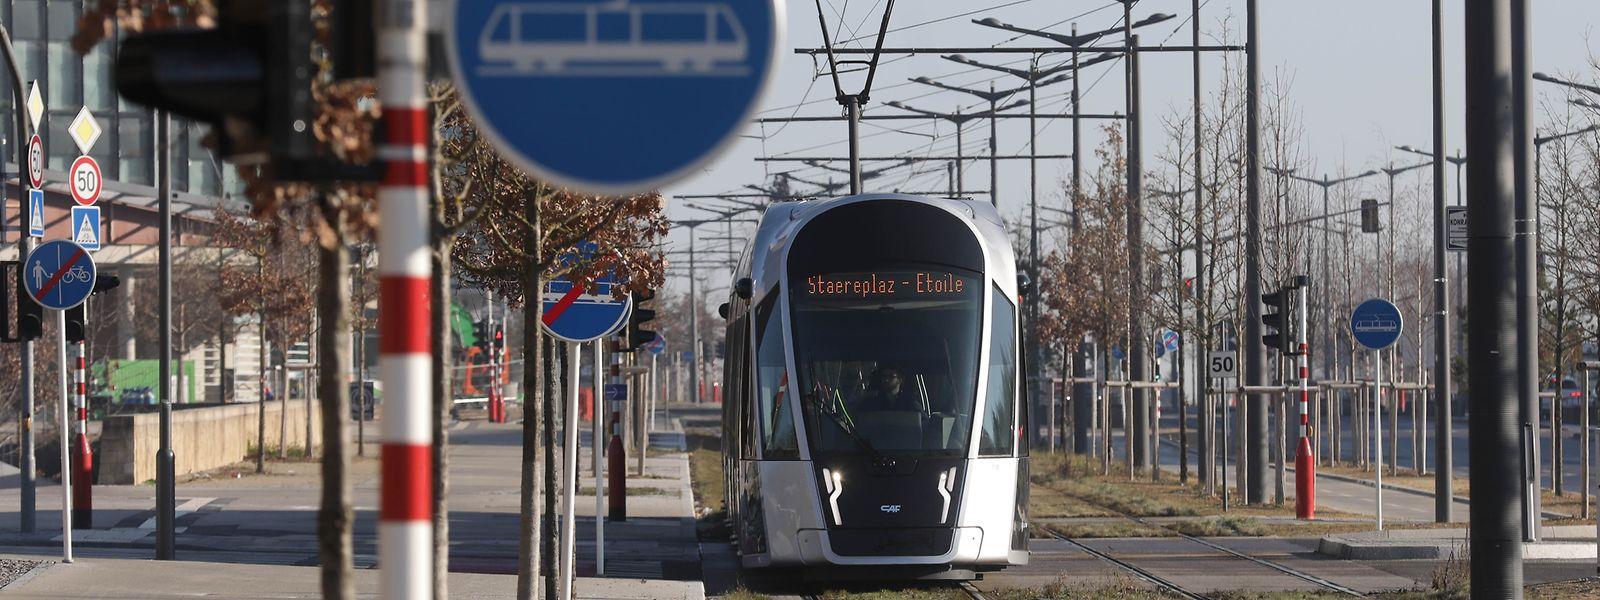 Selon François Bausch, l'avant-projet de loi sur le tracé du tram rapide jusqu'à Foetz doit être déposé d'ici la fin de cette législature, en 2023.